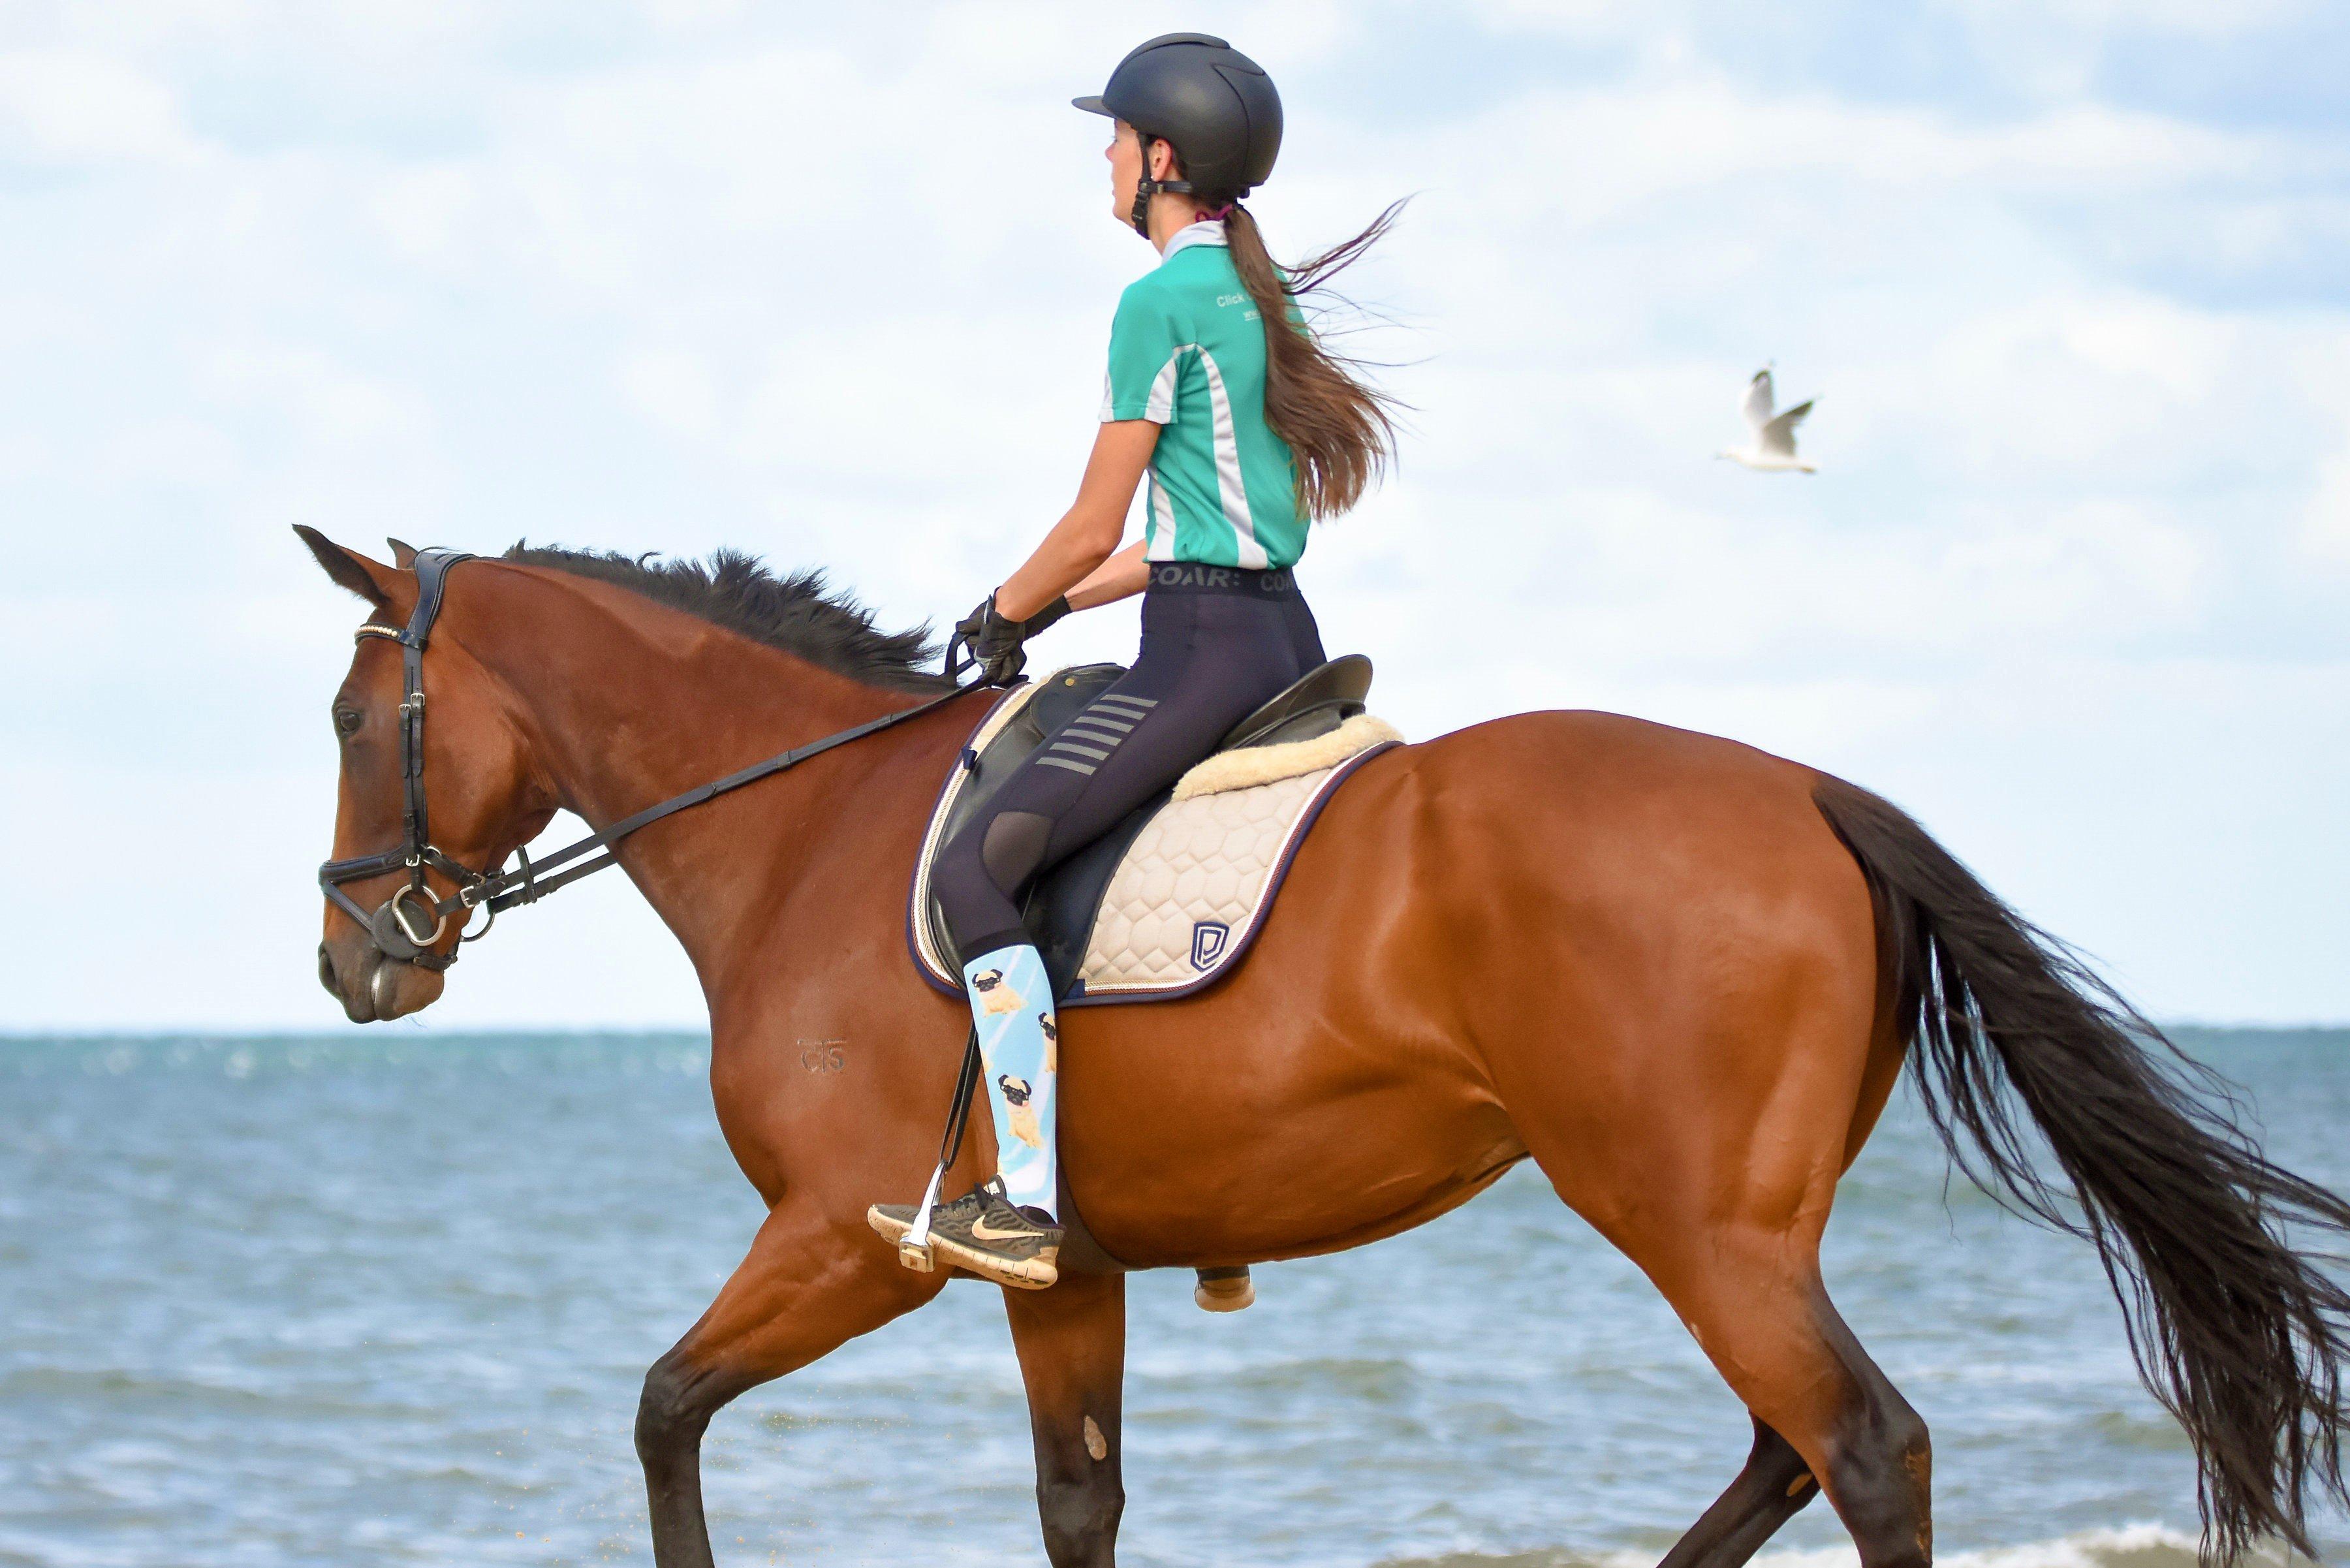 pug_life_horse_riding_socks_beach